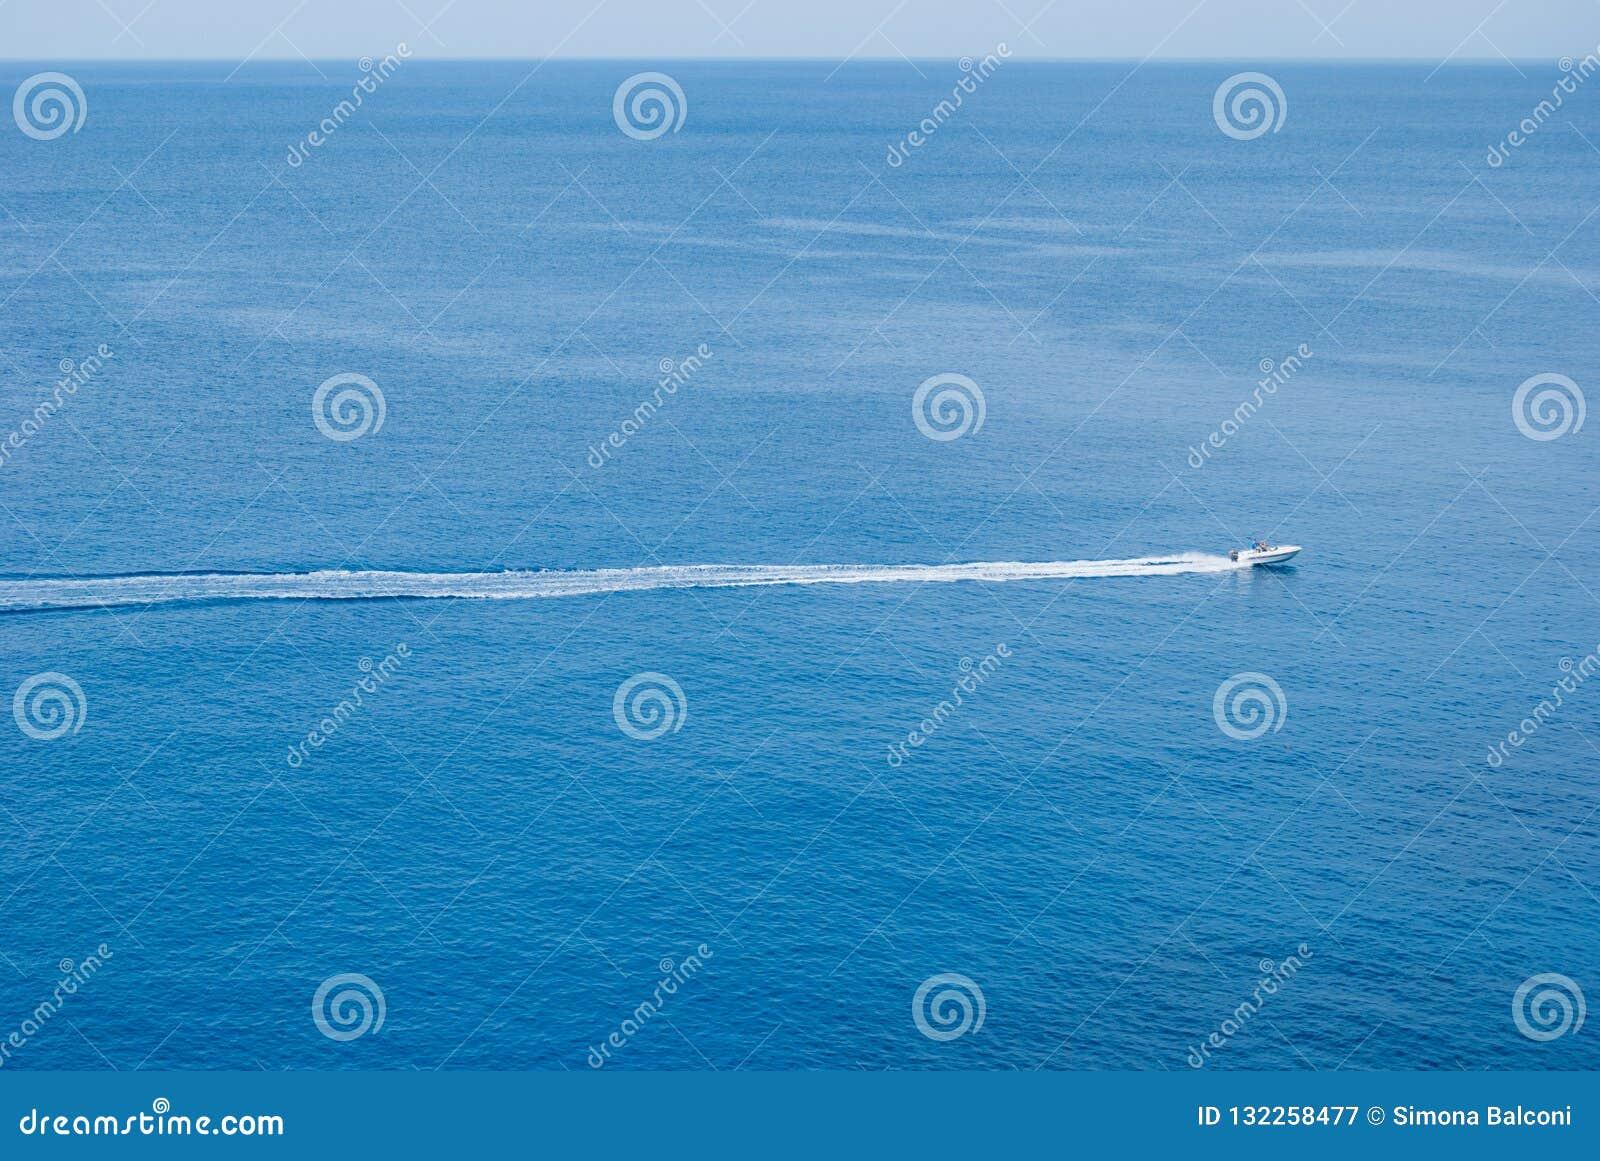 Pojedyncza biała motorowa łódź z długim śladem za